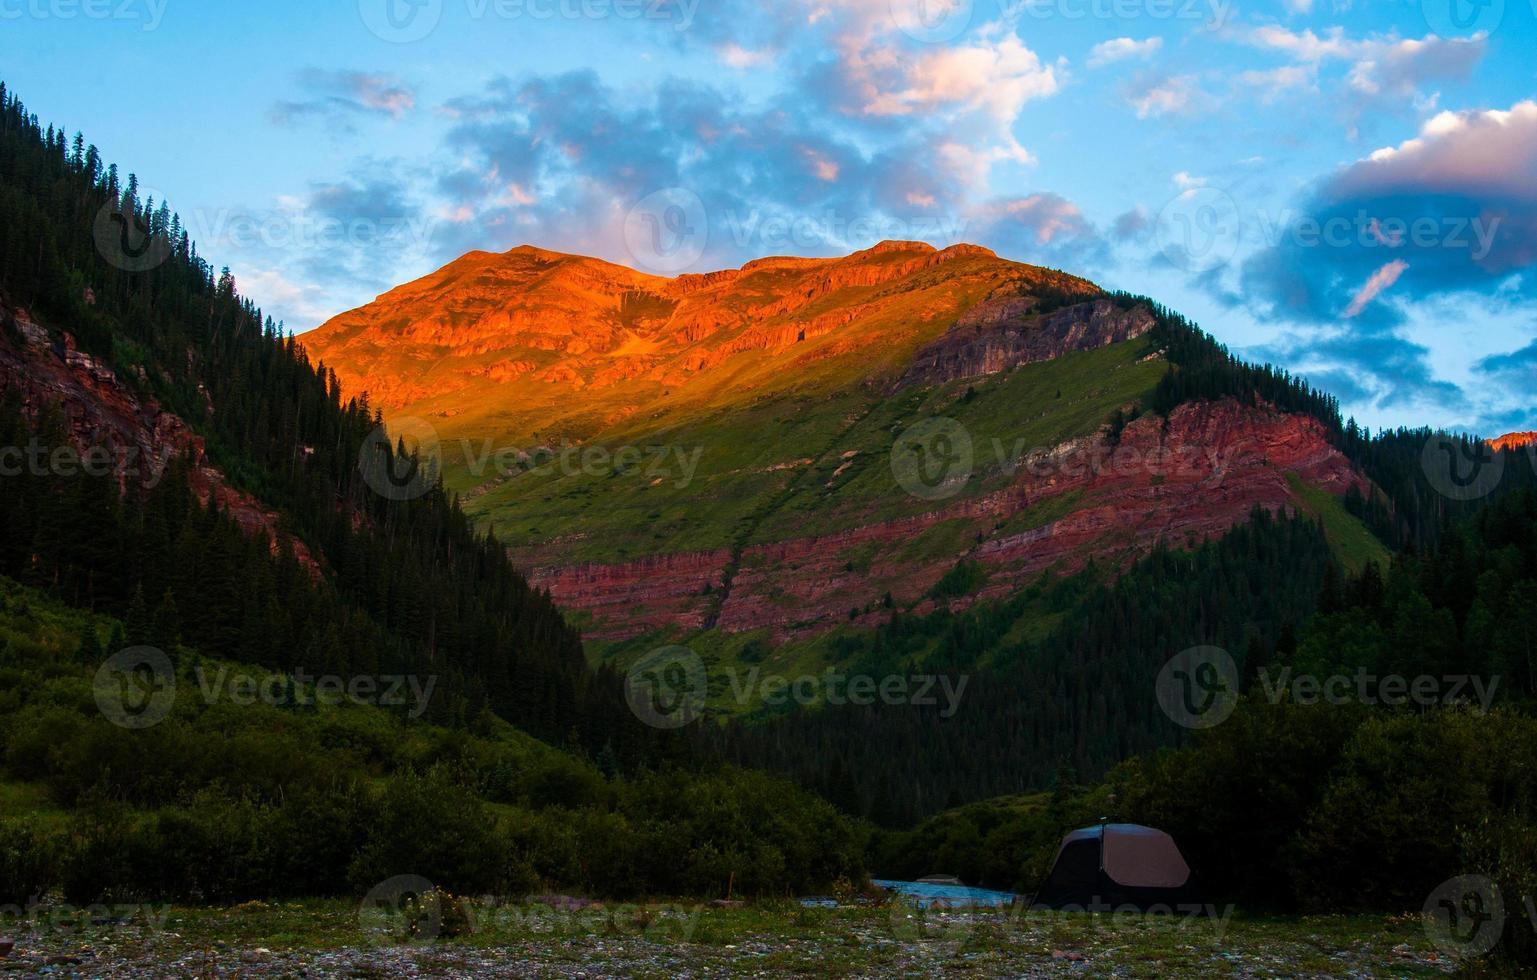 lever du soleil des montagnes rocheuses avec alpin glow camping avec tente photo